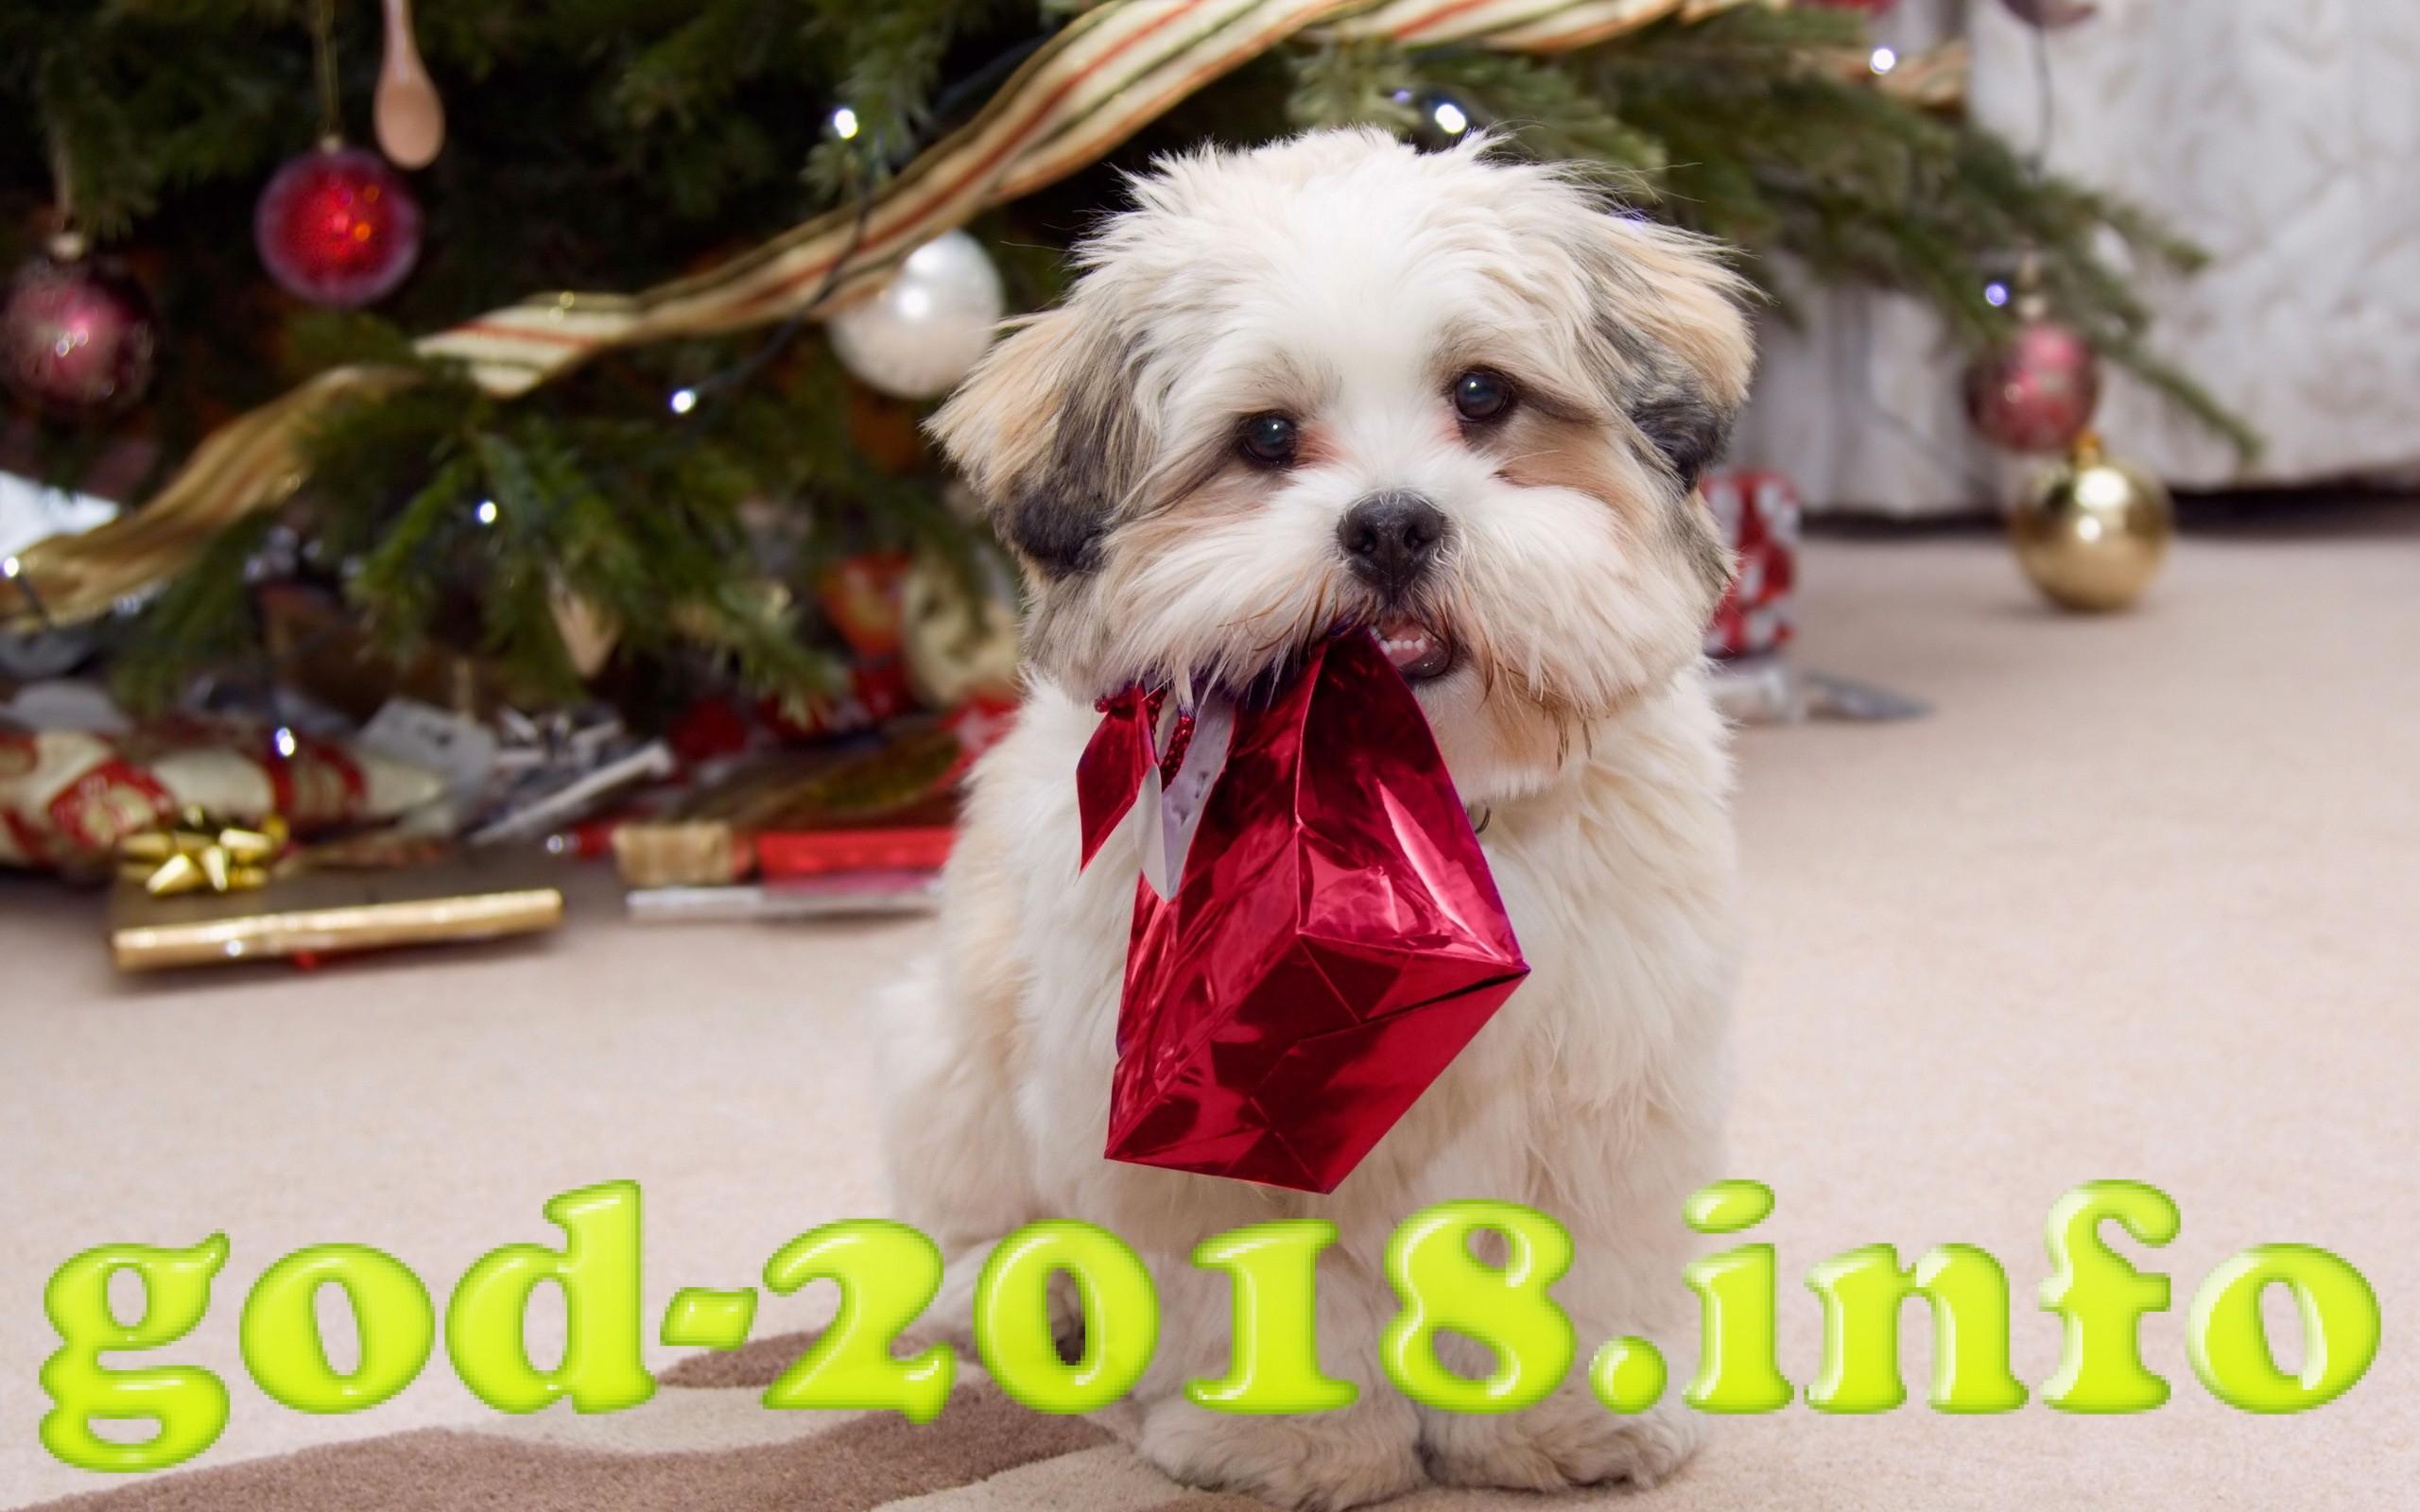 luchshie-idei-novogodnih-podarkov-2018-goda-2